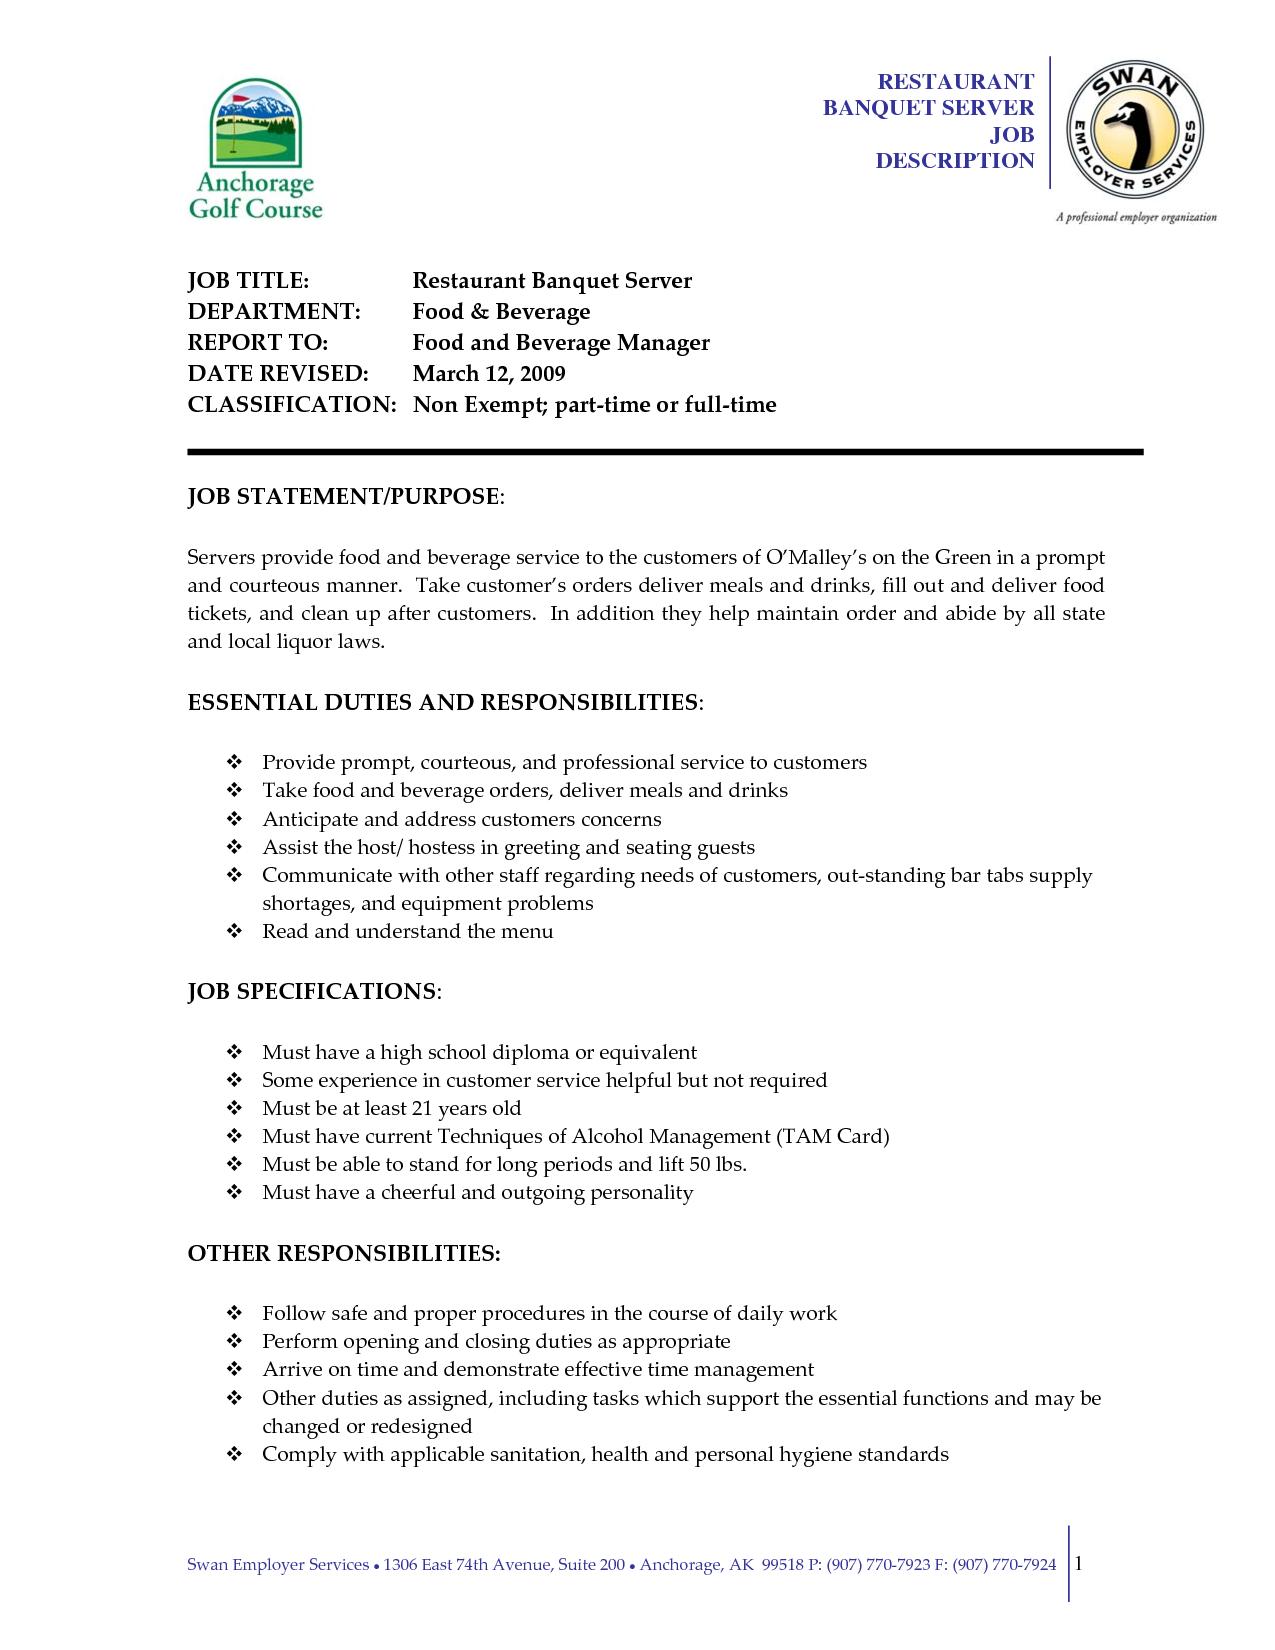 Server Job Description Resume Serving Job Resume Examples Server Description Sample Formatting